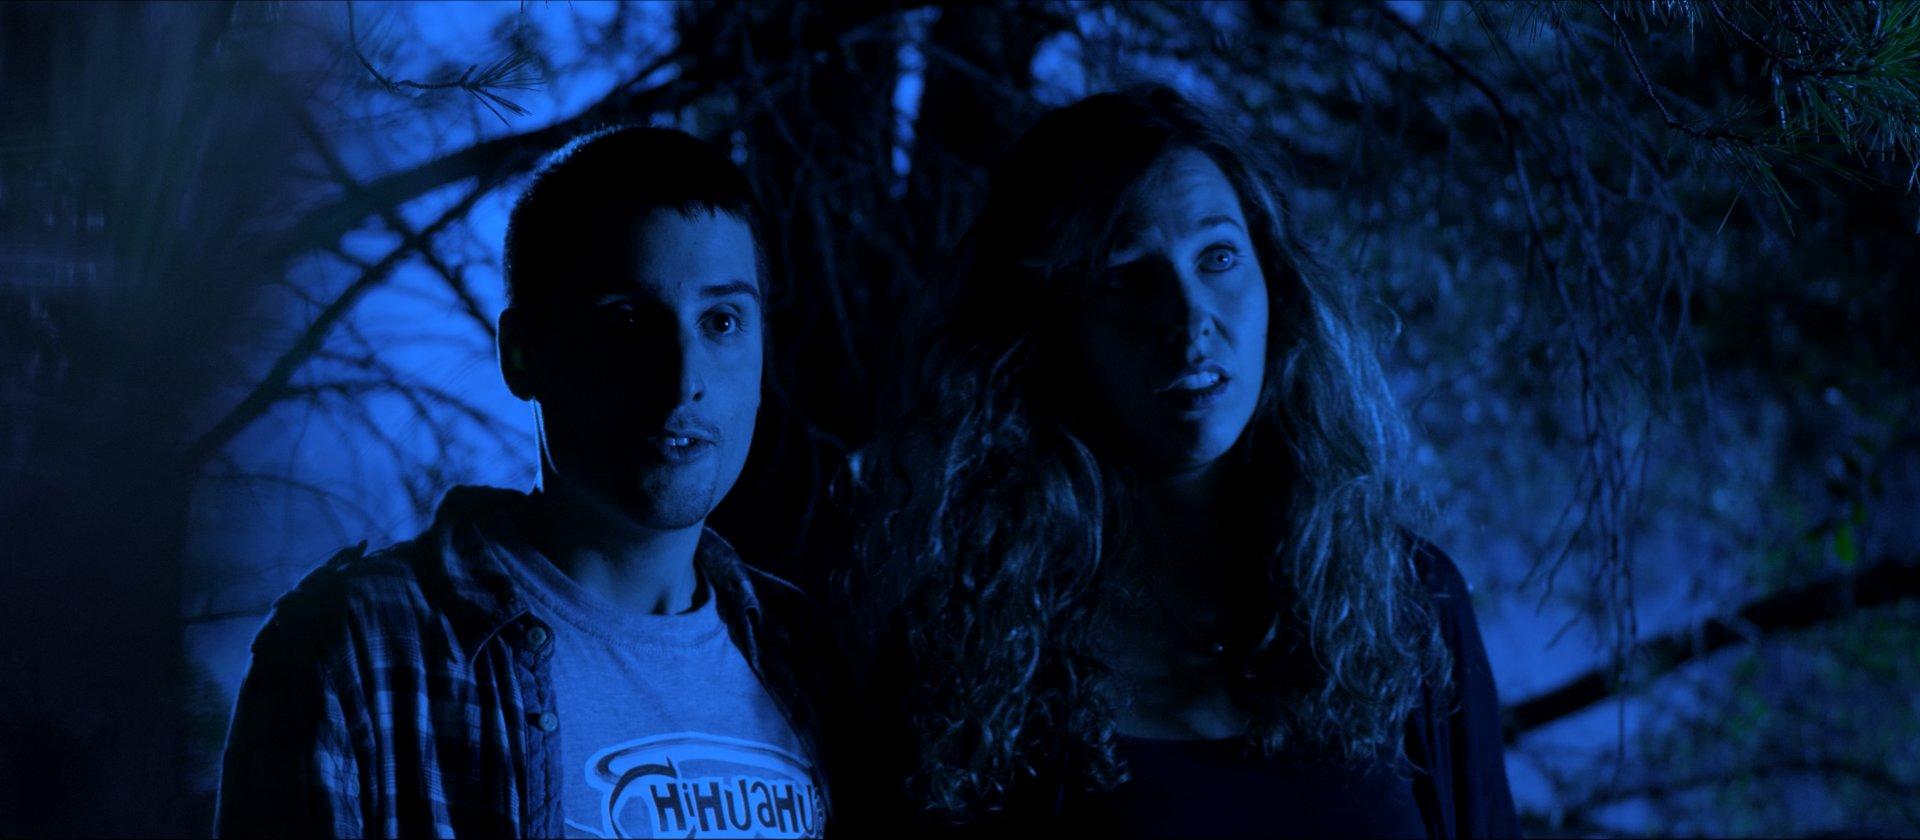 David (Kristian Casado) y Claire (Olga Navarro)